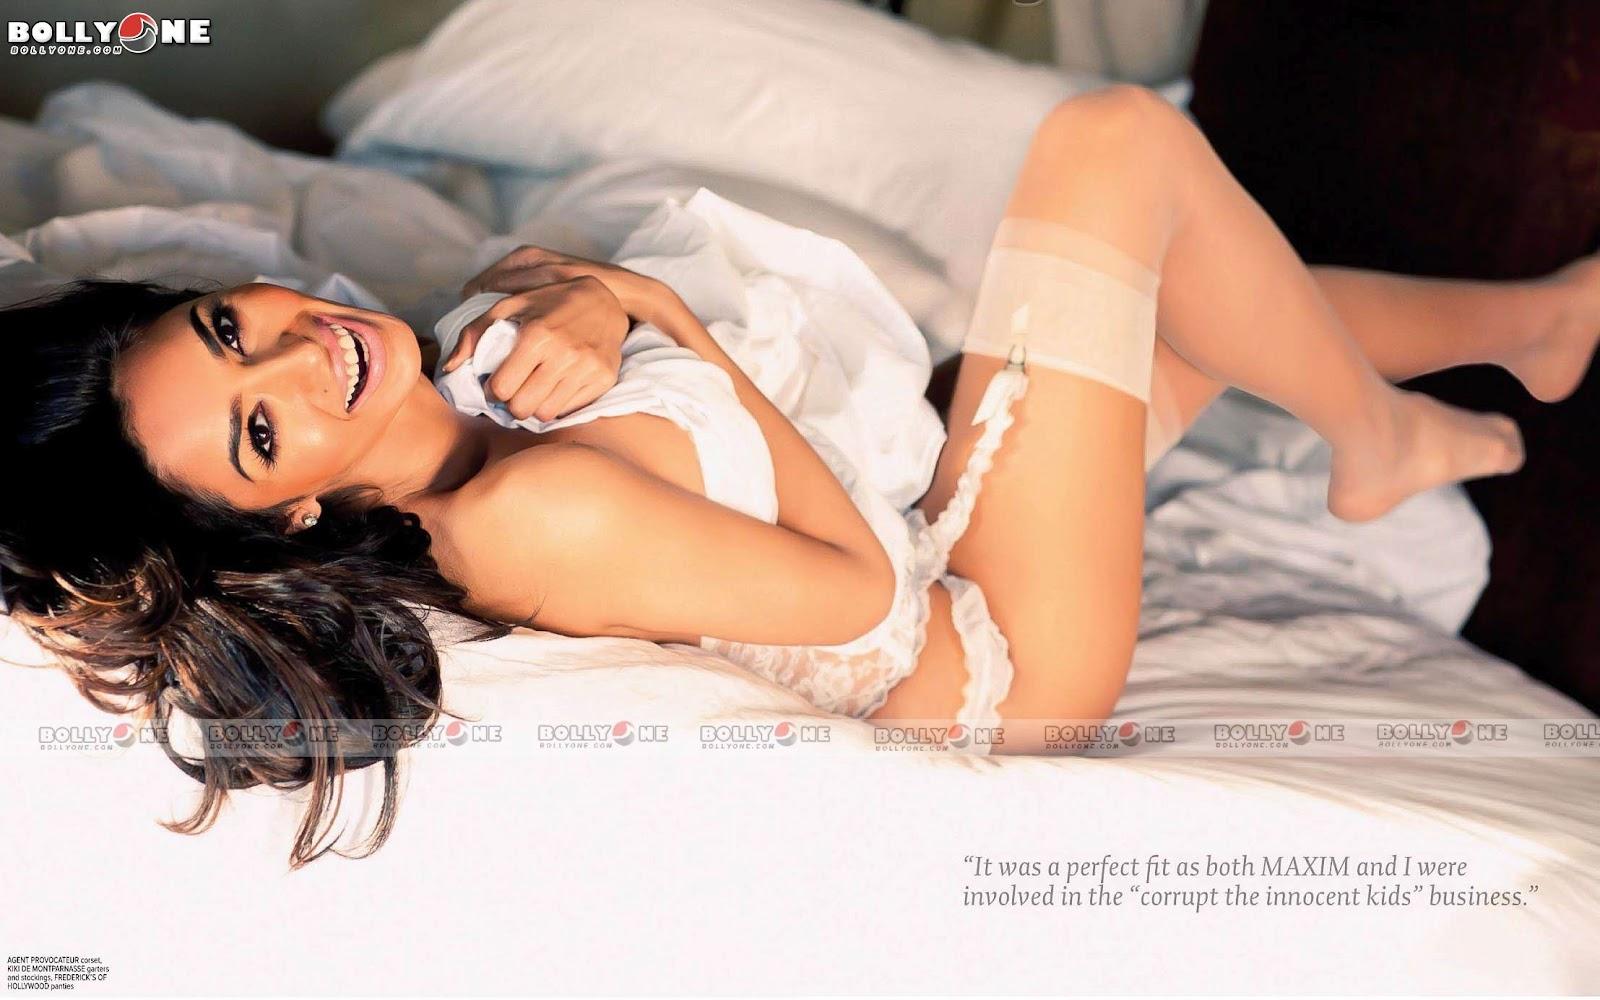 Mallika sherawat bikini pics in maxim right!